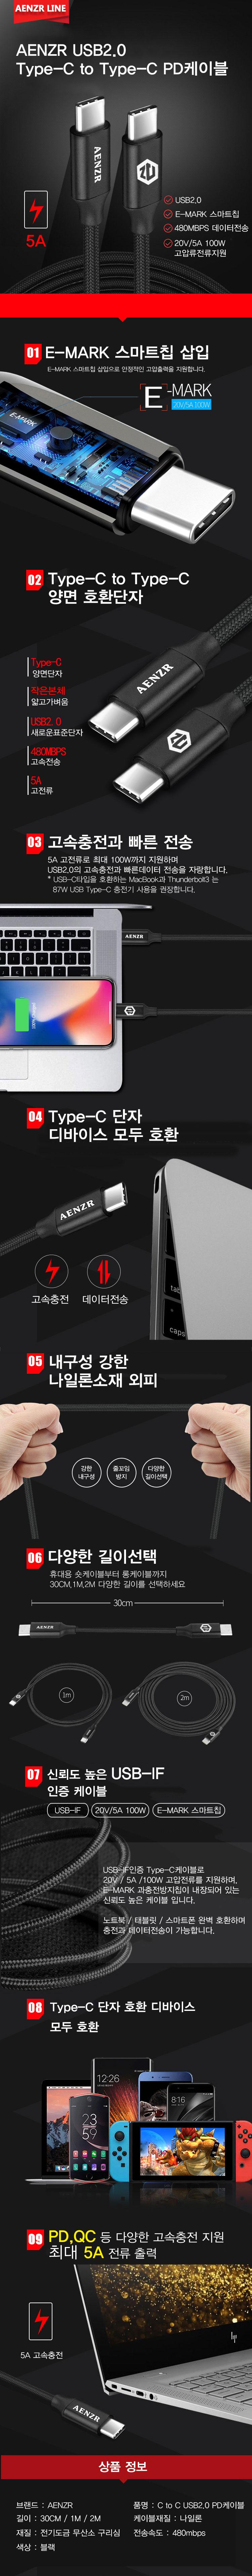 AENZR USB2.0 PD C타입 to C타입 데이터케이블 200CM 5A 100W 갤럭시 노트10 플러스 S10 A90 5G - AENZR, 17,900원, 케이블, C타입